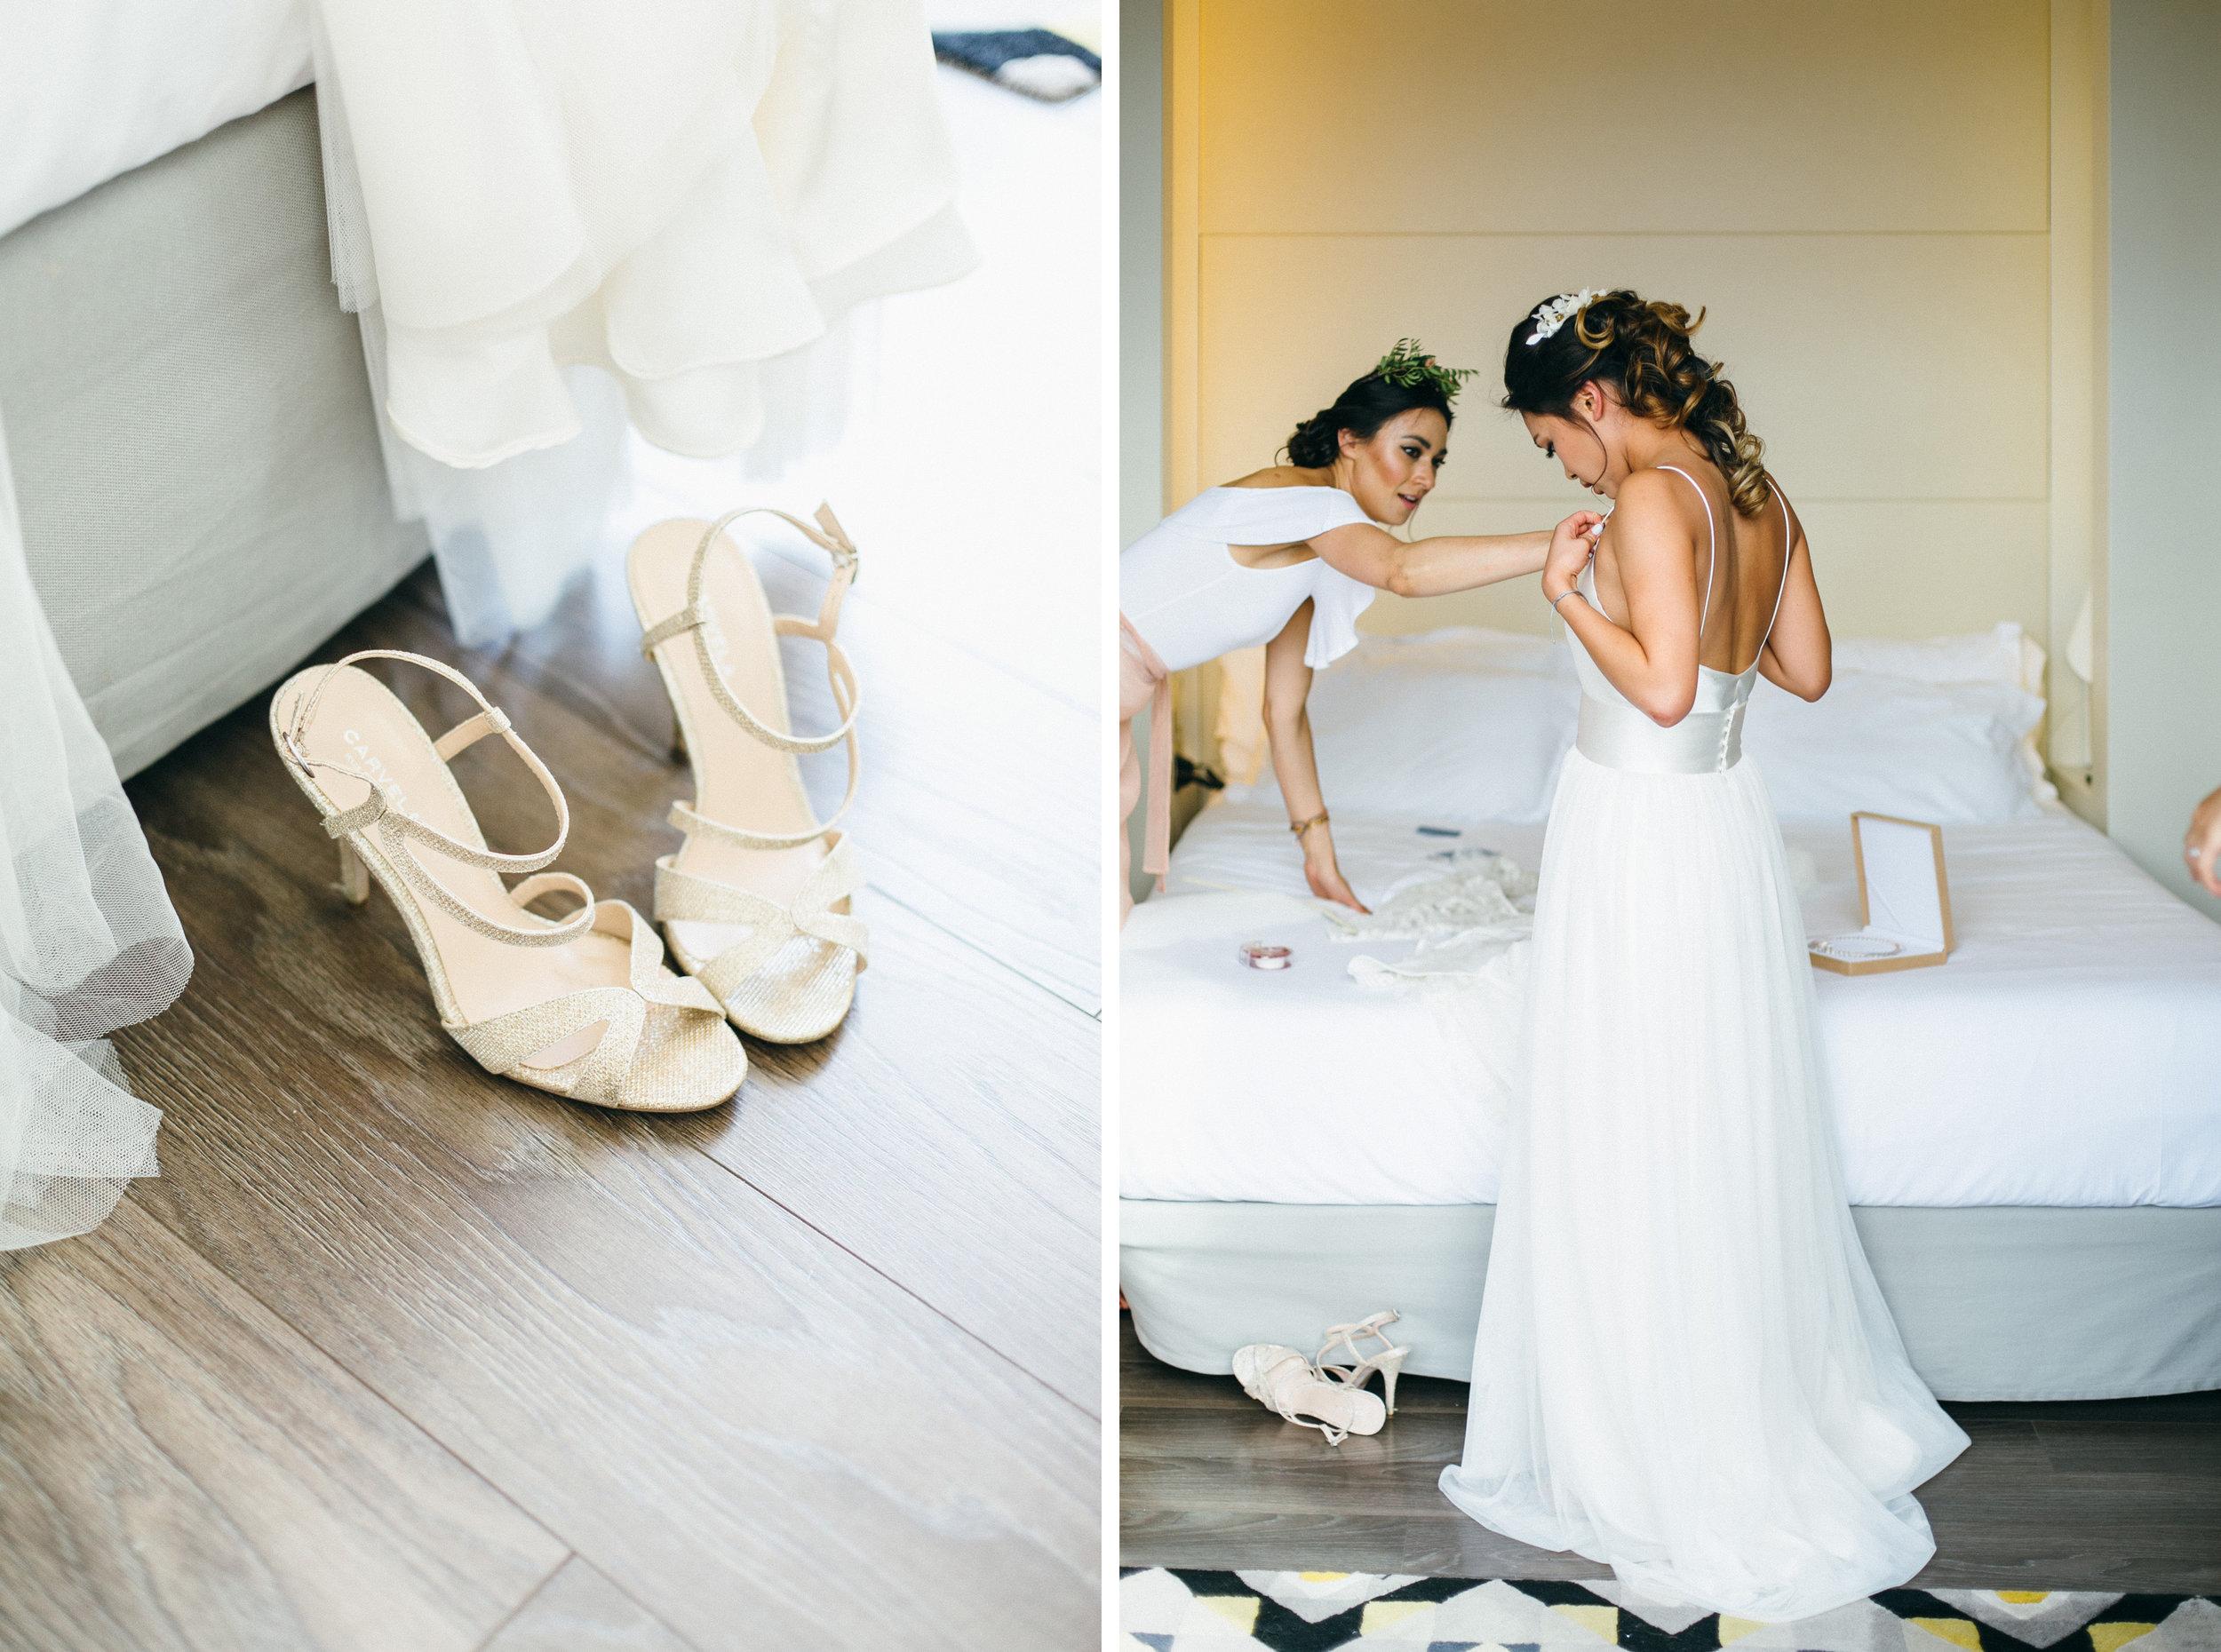 fotografos_boda_wedding_barcelona_valencia052copai.jpg